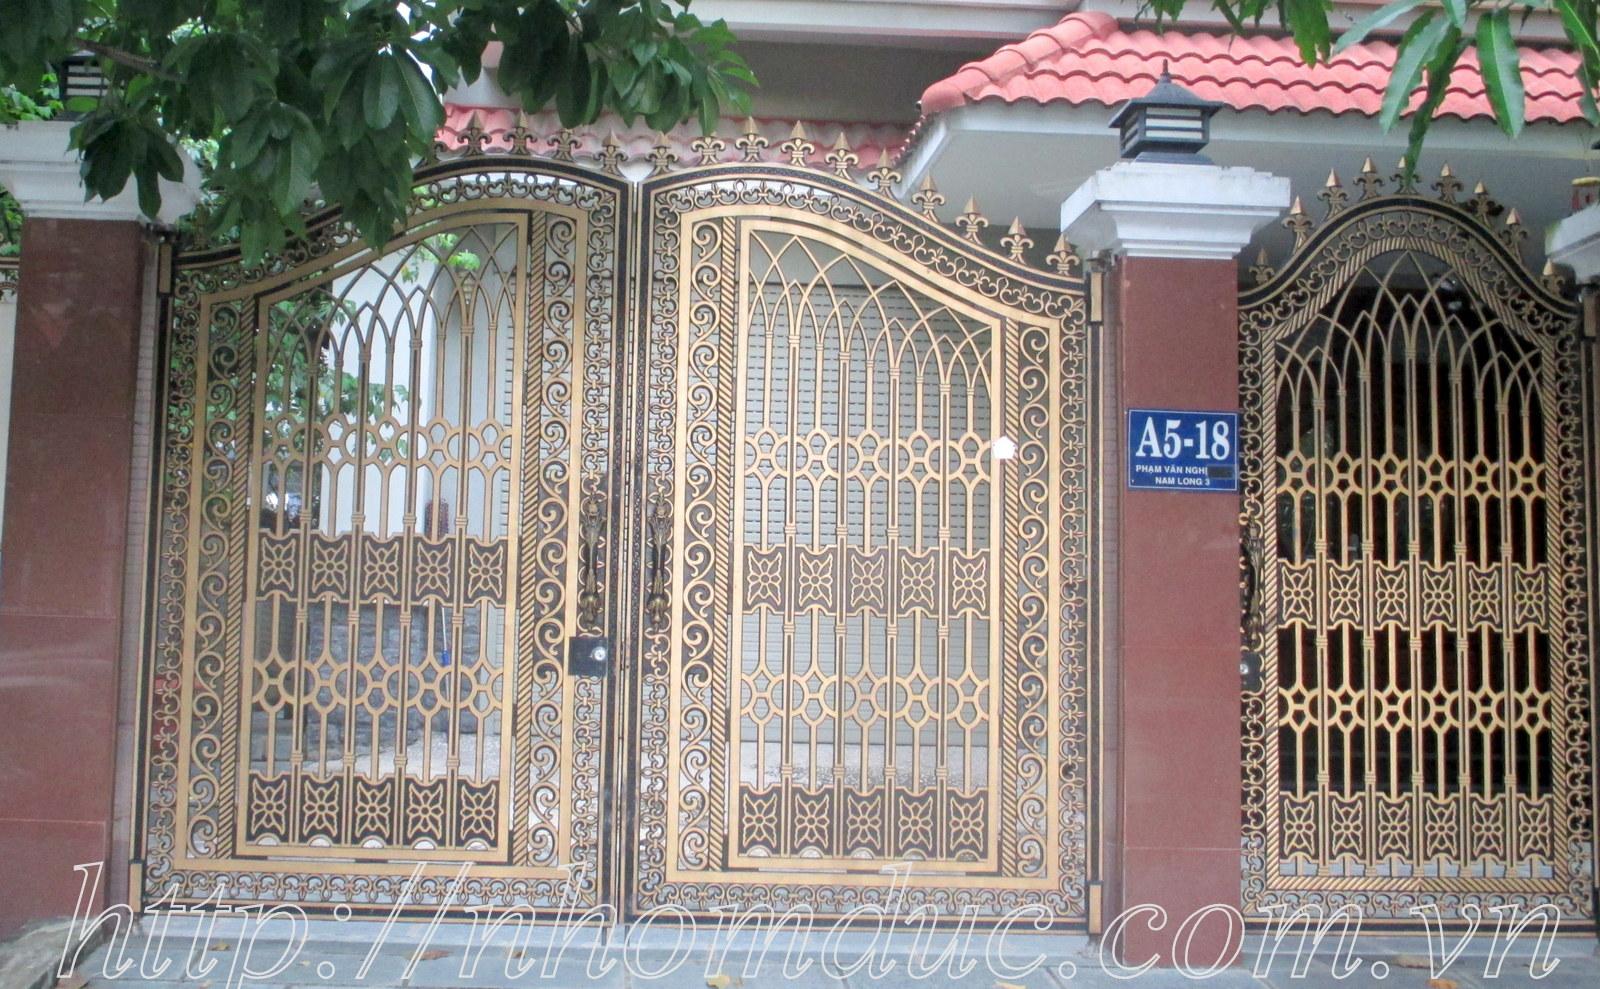 Các mẫu cổng hợp kim nhôm đúc Hà Nội đẹp nhất, hoa văn tinh tế, đa dạng